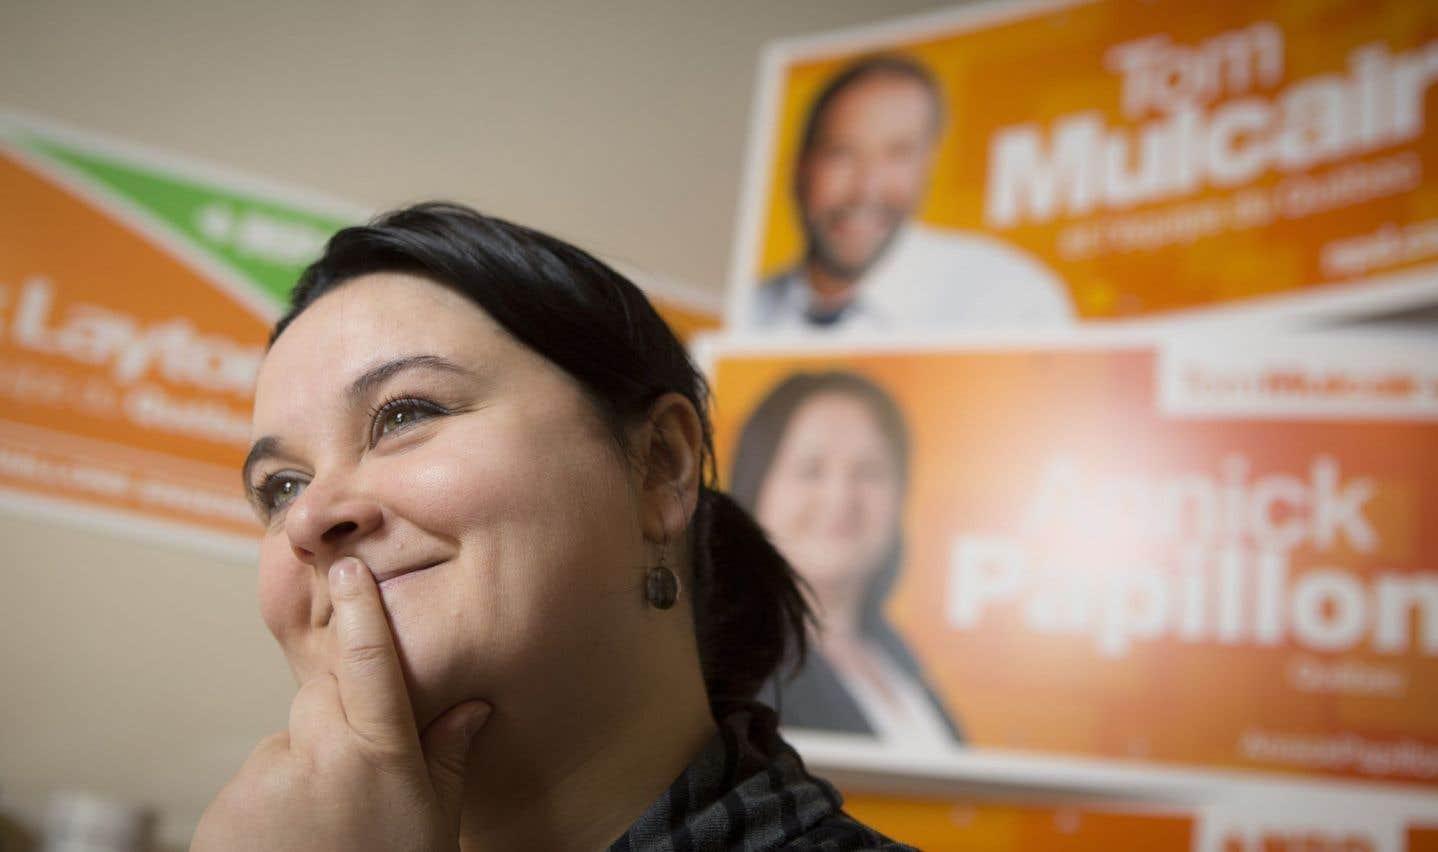 Québec mettra-t-elle fin au flirt orange?